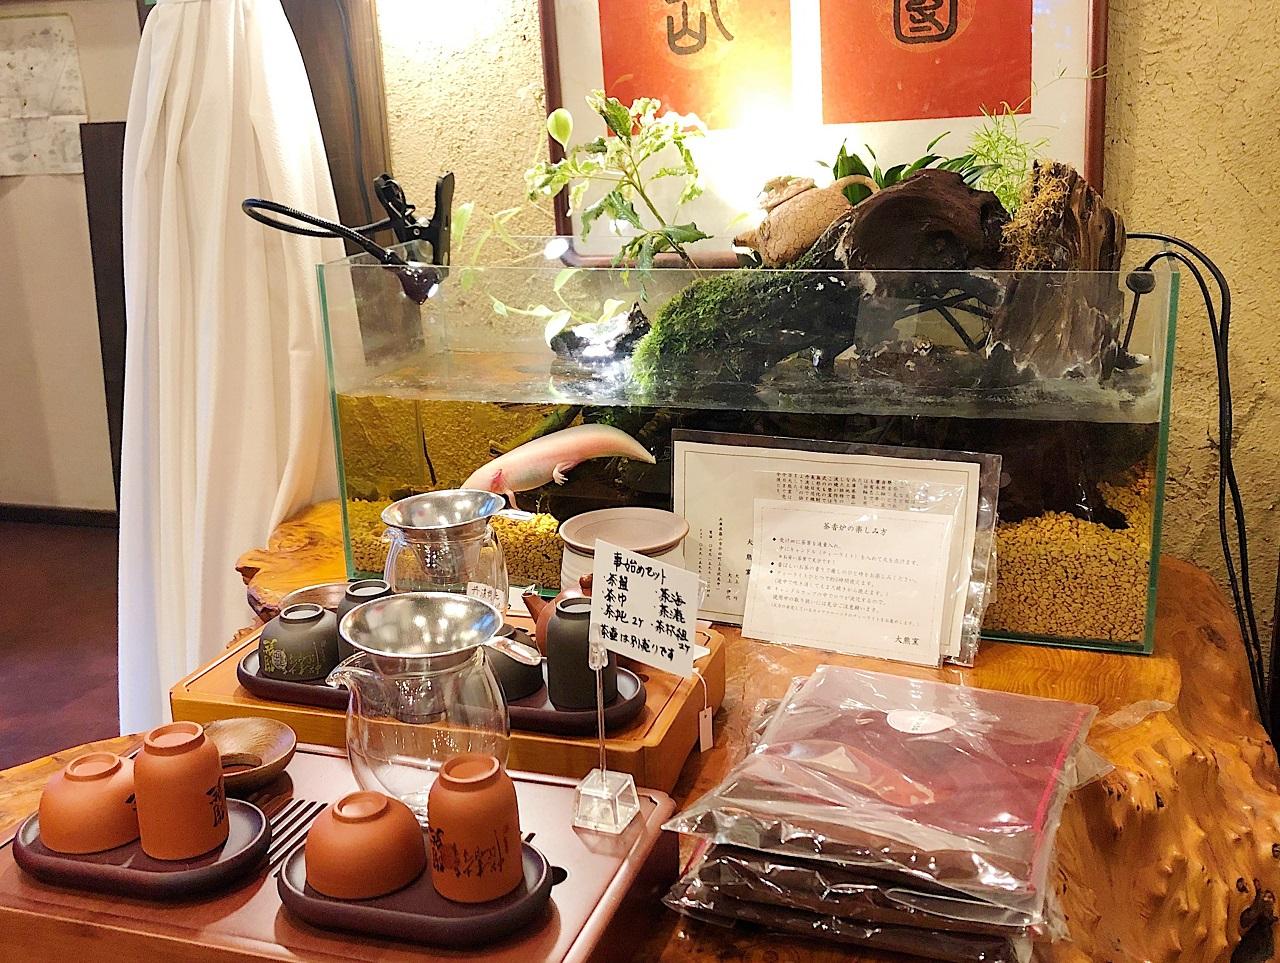 神戸岩茶荘 店内の茶器